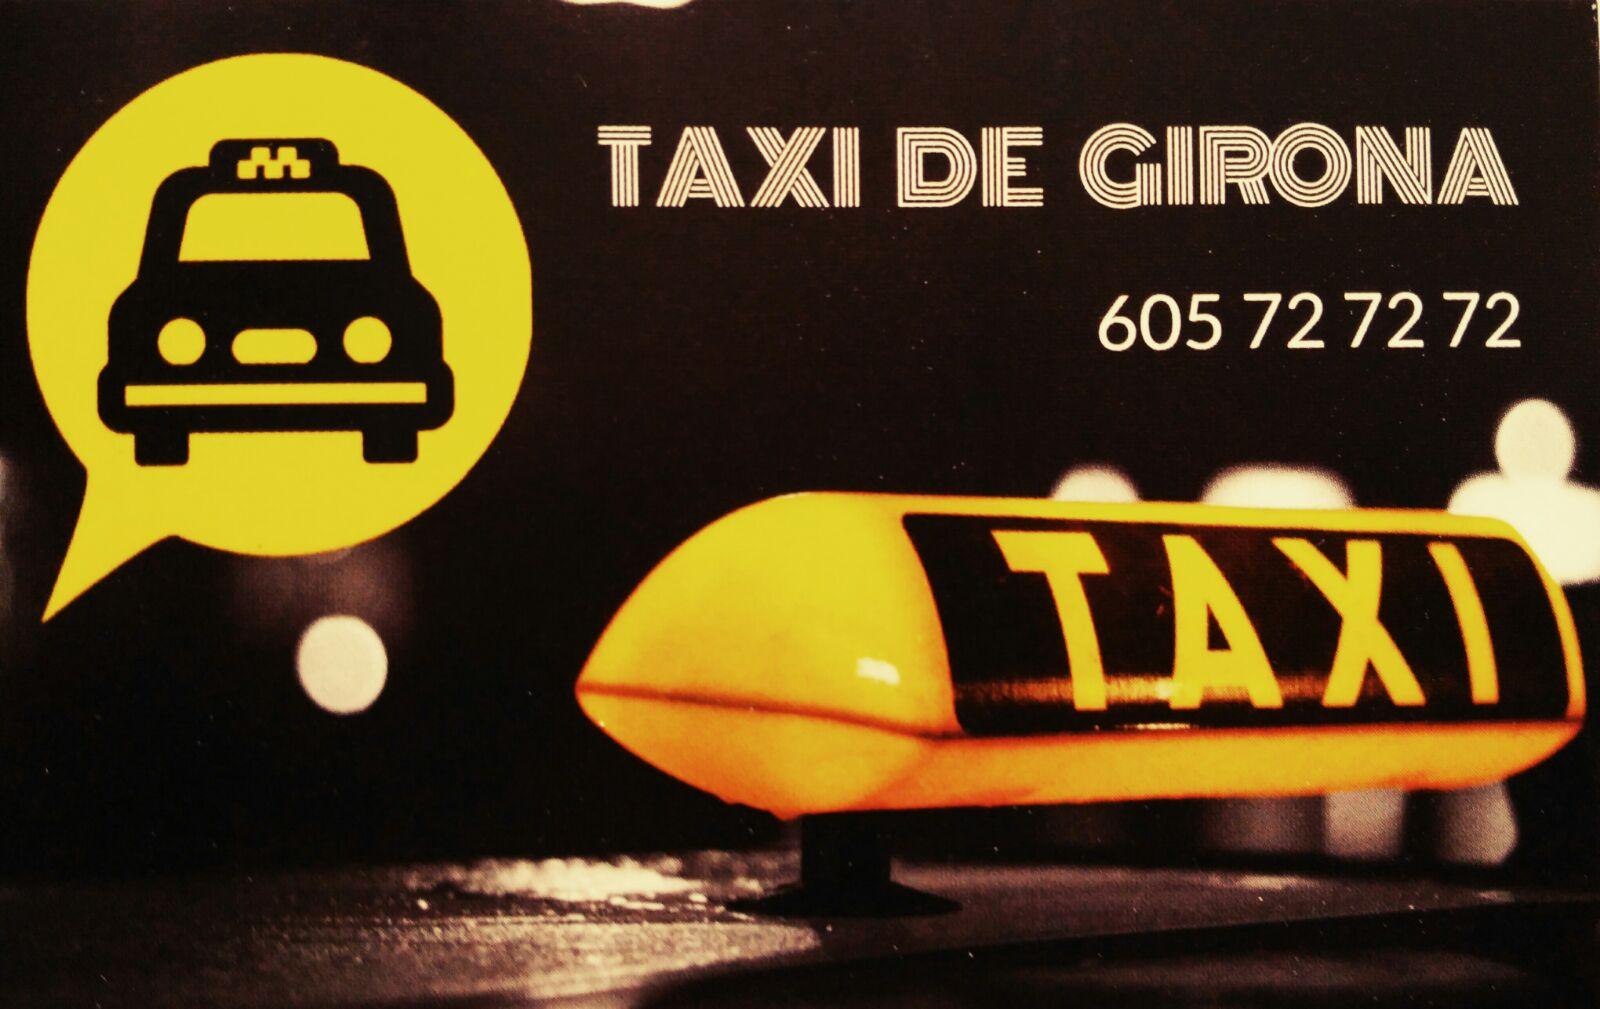 Taxi 24 Horas Girona (Taxi Girona)